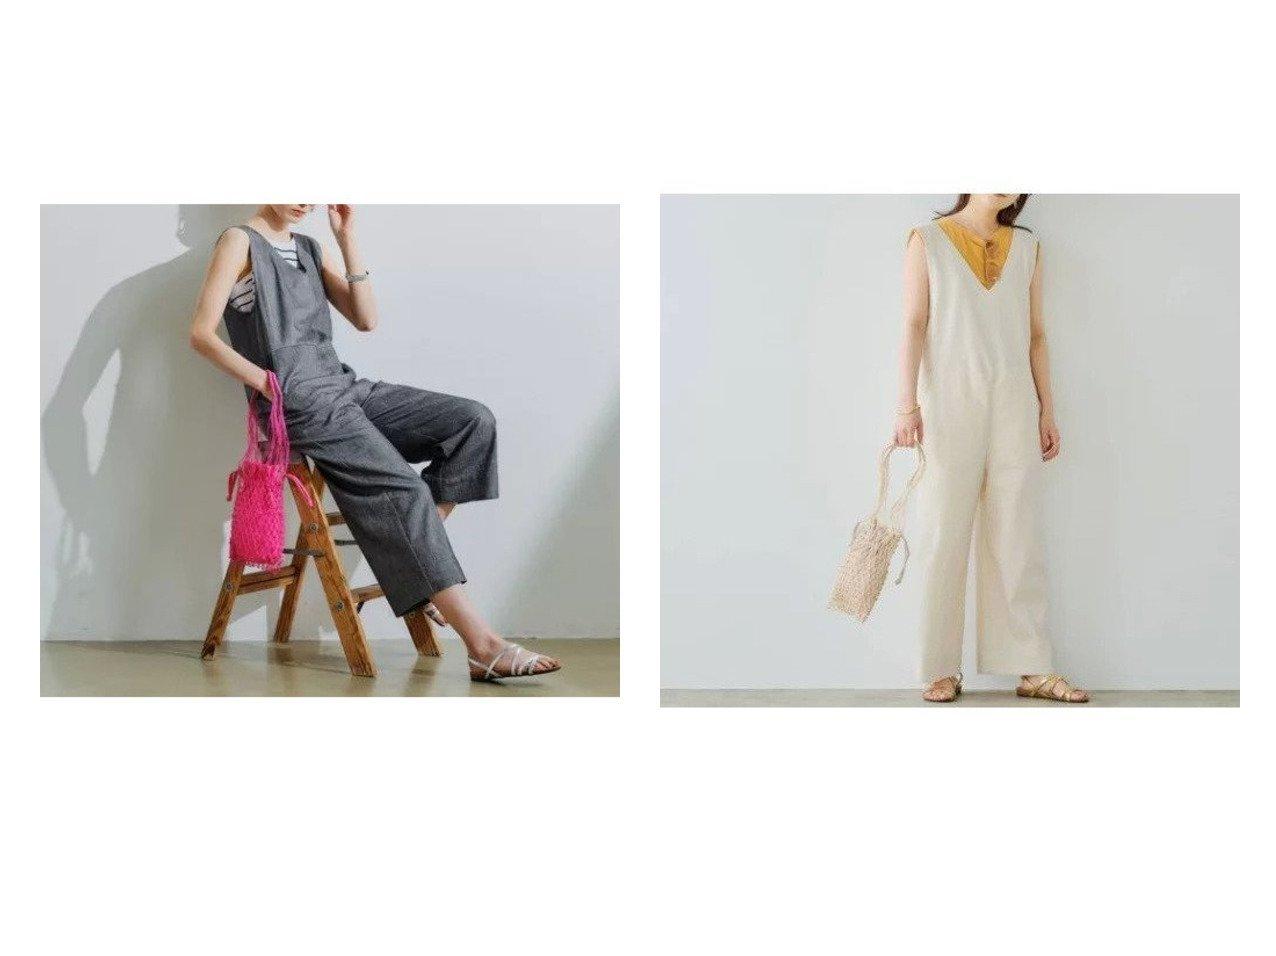 【green label relaxing / UNITED ARROWS/グリーンレーベル リラクシング / ユナイテッドアローズ】のSC デニムライク オールインワン 【ワンピース・ドレス】おすすめ!人気、トレンド・レディースファッションの通販 おすすめで人気の流行・トレンド、ファッションの通販商品 インテリア・家具・メンズファッション・キッズファッション・レディースファッション・服の通販 founy(ファニー) https://founy.com/ ファッション Fashion レディースファッション WOMEN ワンピース Dress オールインワン ワンピース All In One Dress サロペット Salopette インナー 秋 Autumn/Fall ショート デニム ノースリーブ フロント ポケット メタル リラックス ワイド おすすめ Recommend 夏 Summer |ID:crp329100000055595